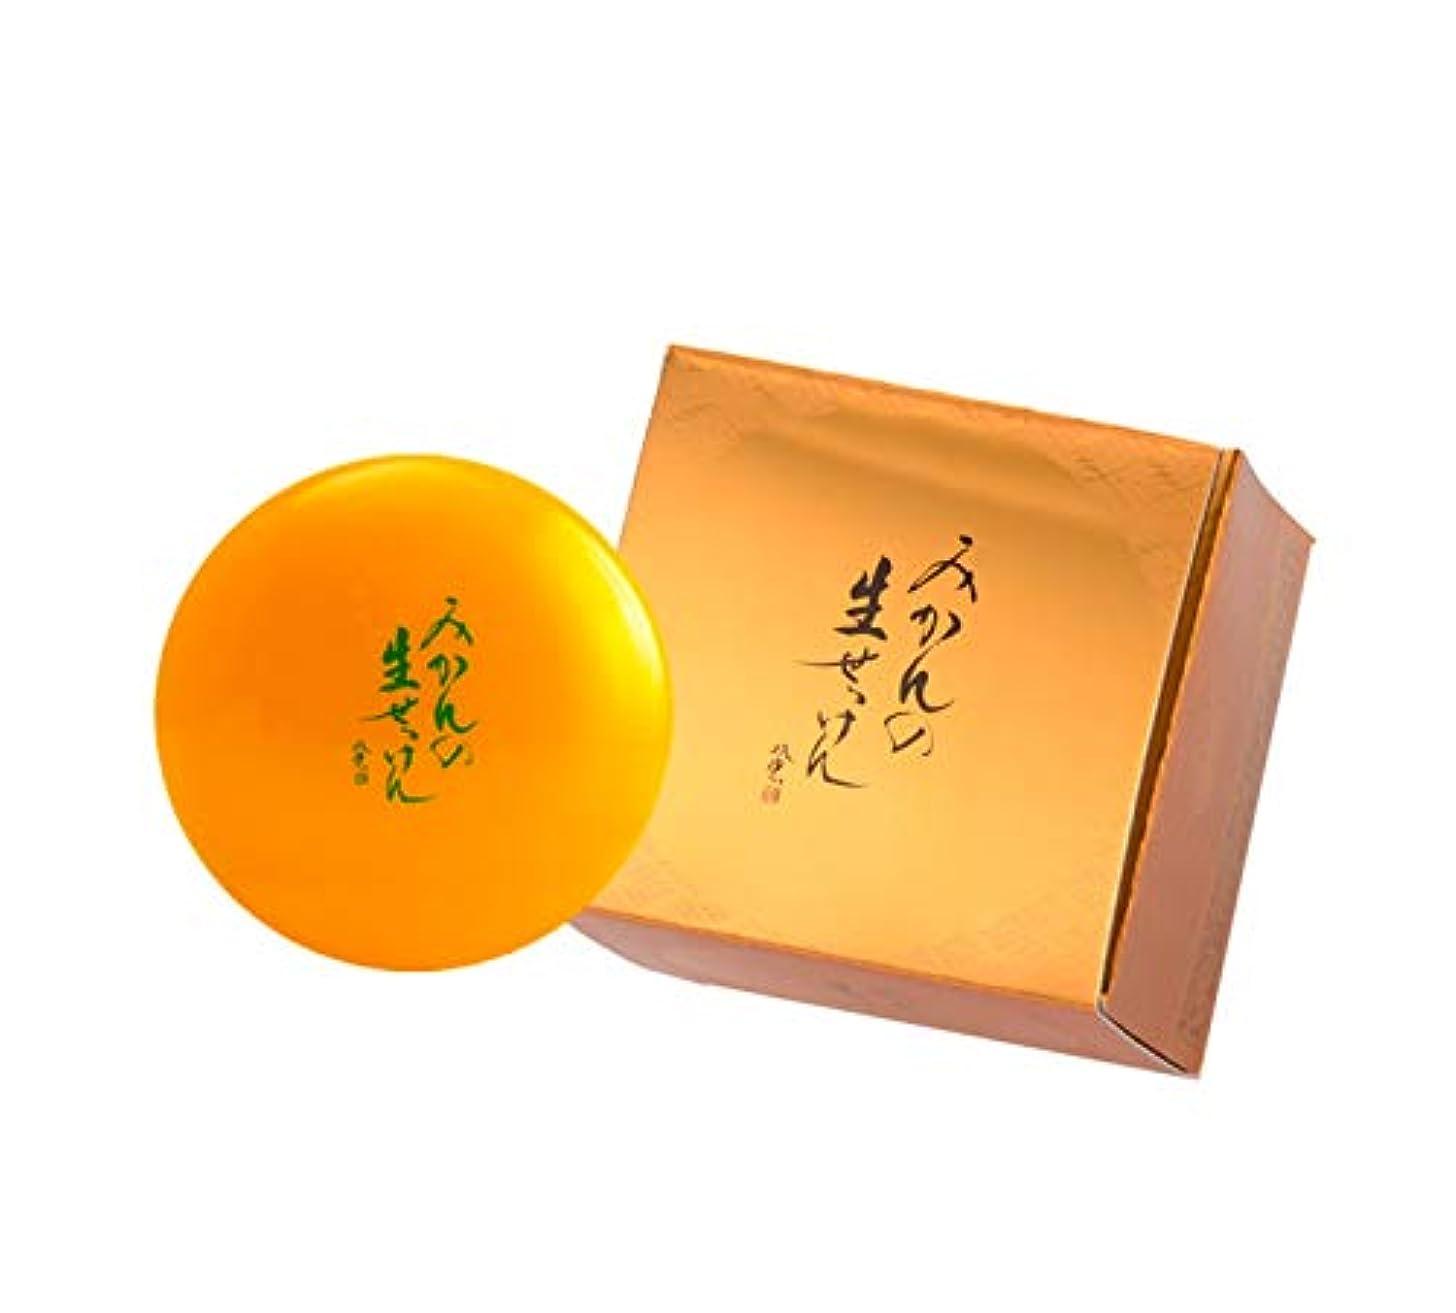 着陸つなぐパークUYEKI美香柑みかんの生せっけん120g×3個セット